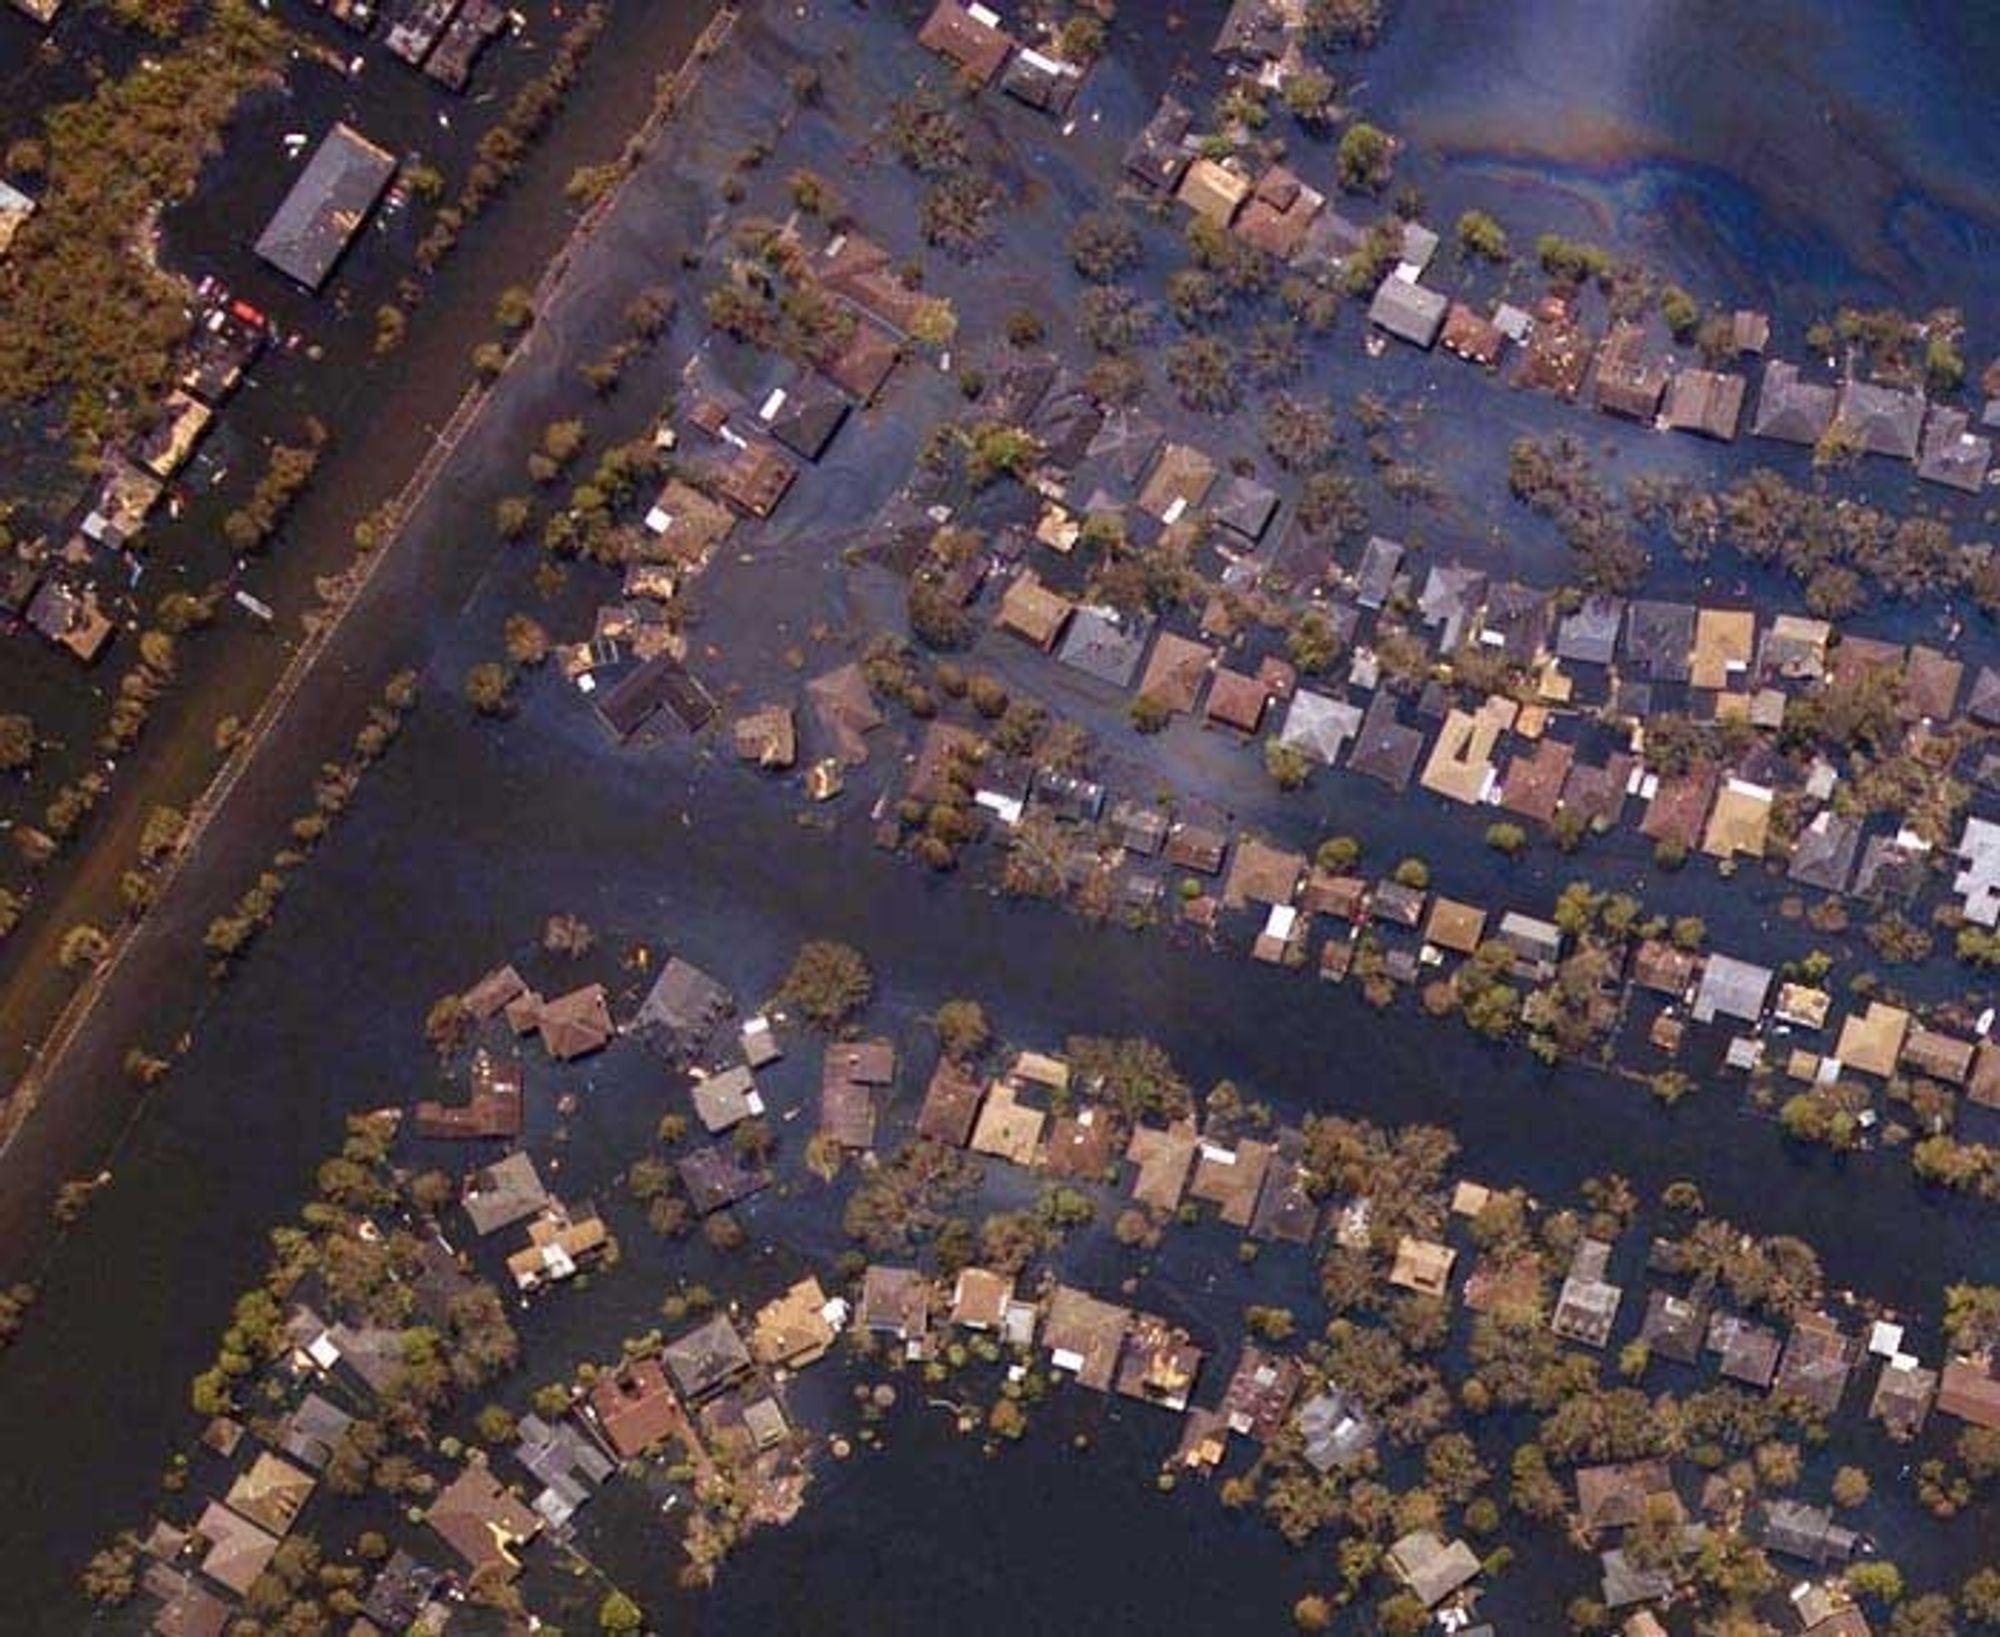 GIFTIG: Tragedien tar ikke slutt for innbyggerne i New Orleans og langs kysten av Louisiana.